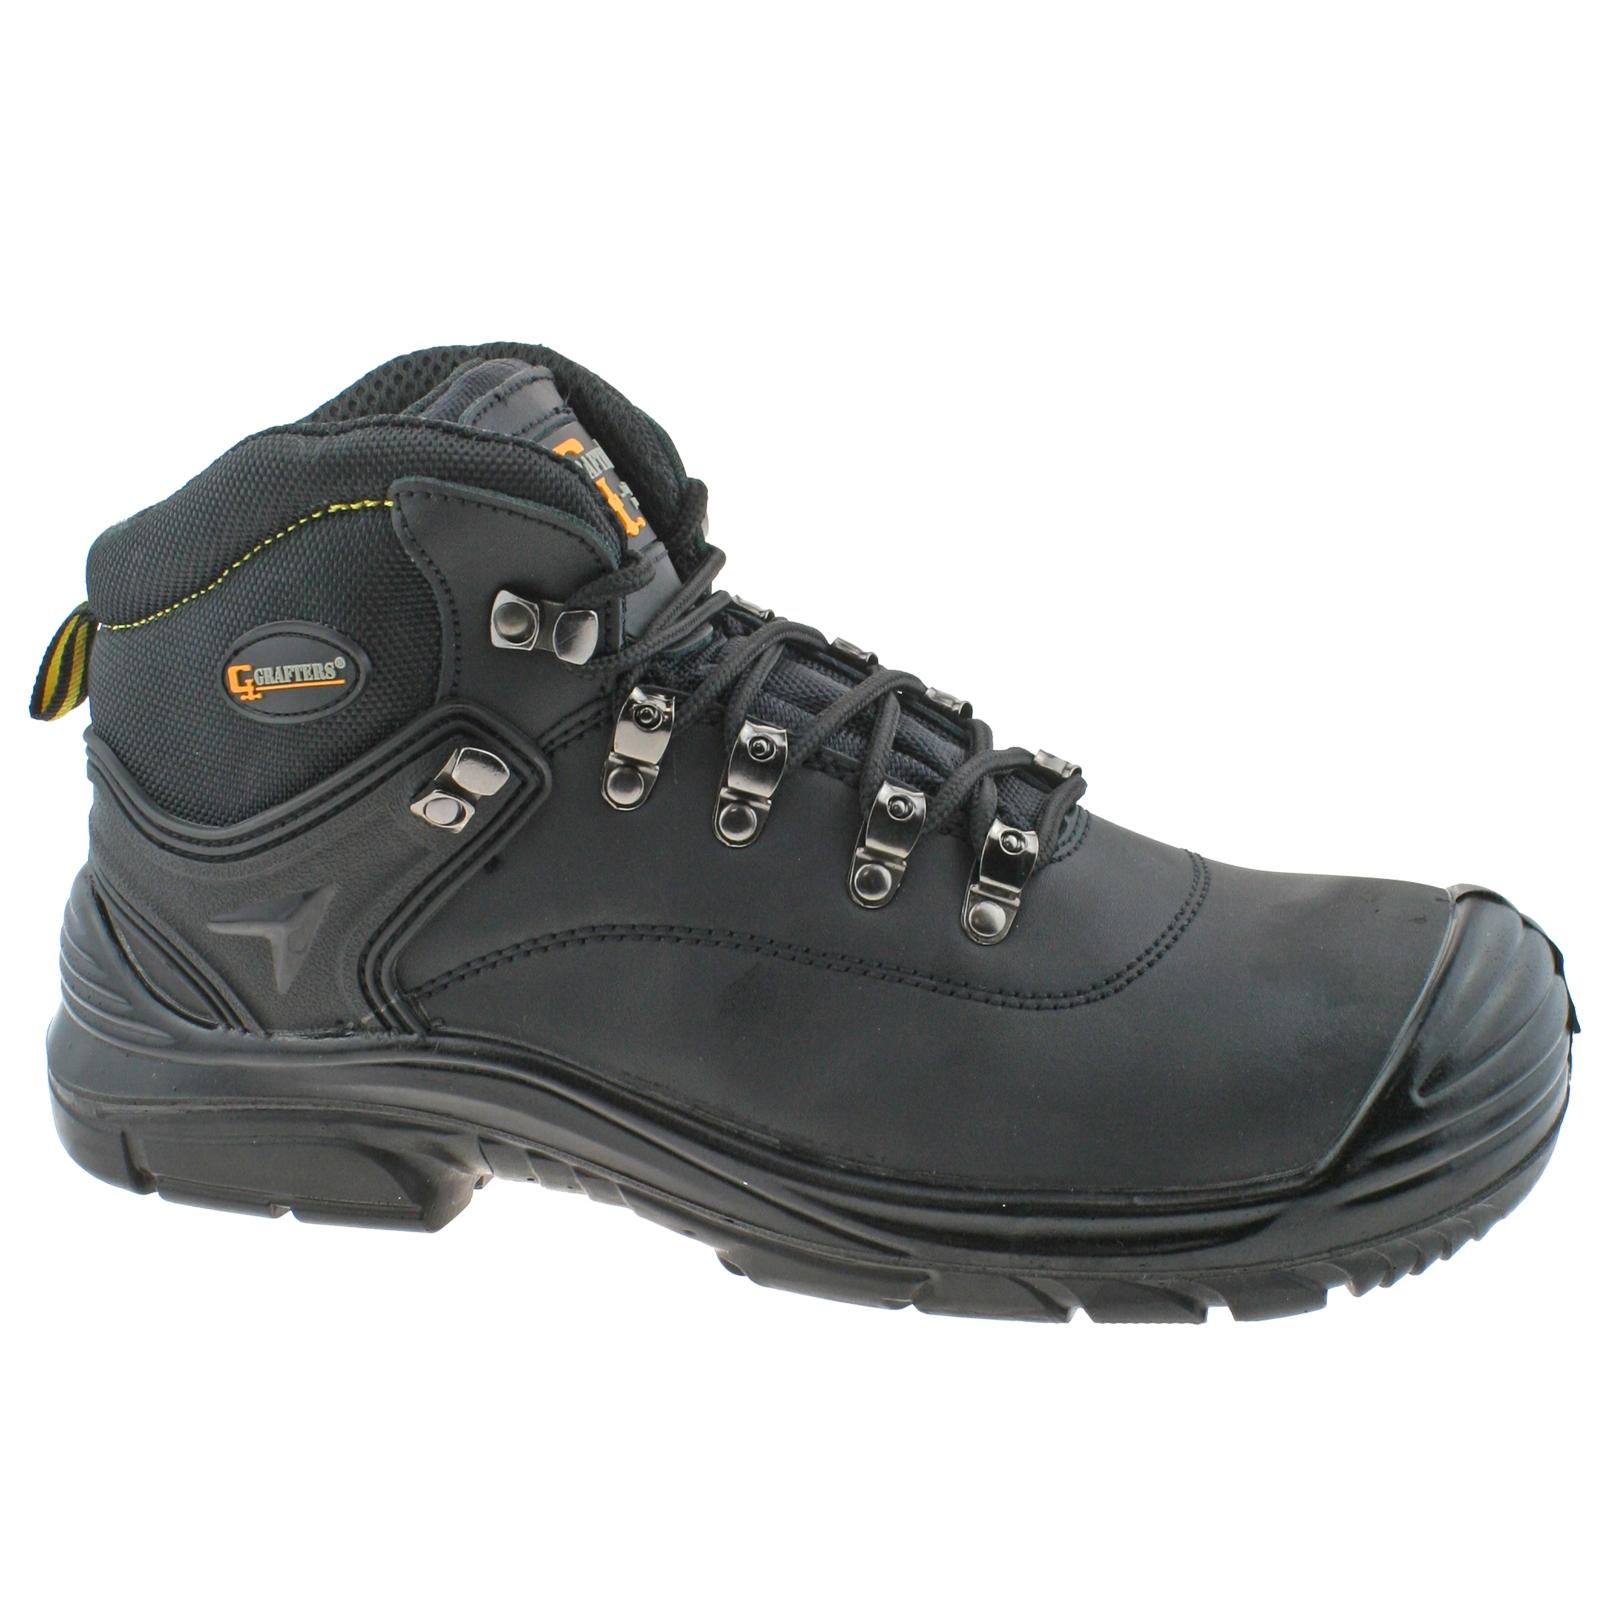 Grafters-Hombre-Cuero-Negro-Impermeable-Corte-Ancho-Cordones-Botas-Seguridad